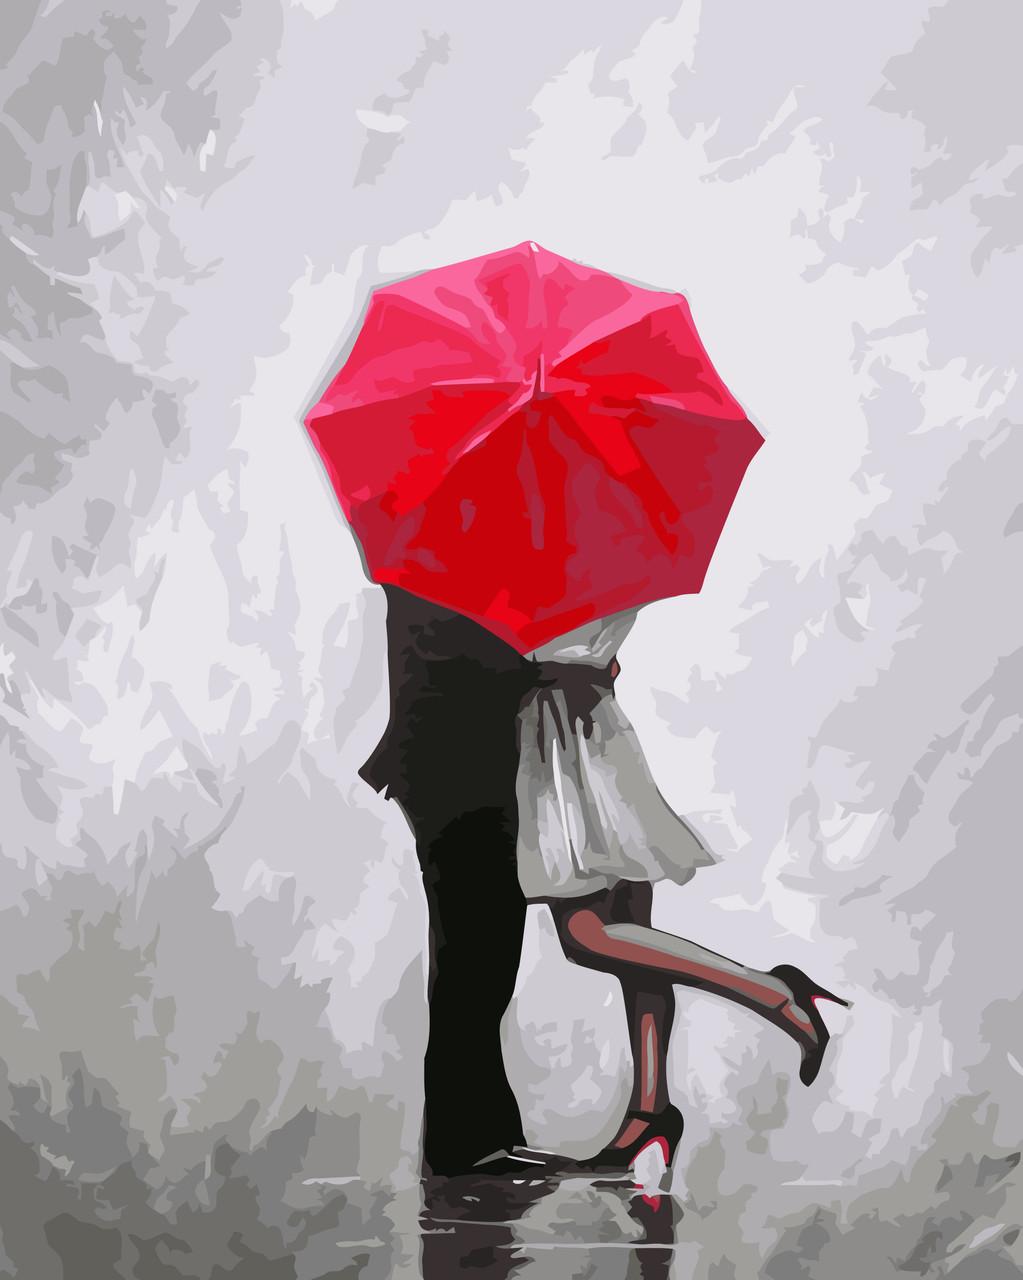 Раскраска по номерам Идейка Влюбленные под зонтом (KHO2656) 40 х 50 см (без коробки)